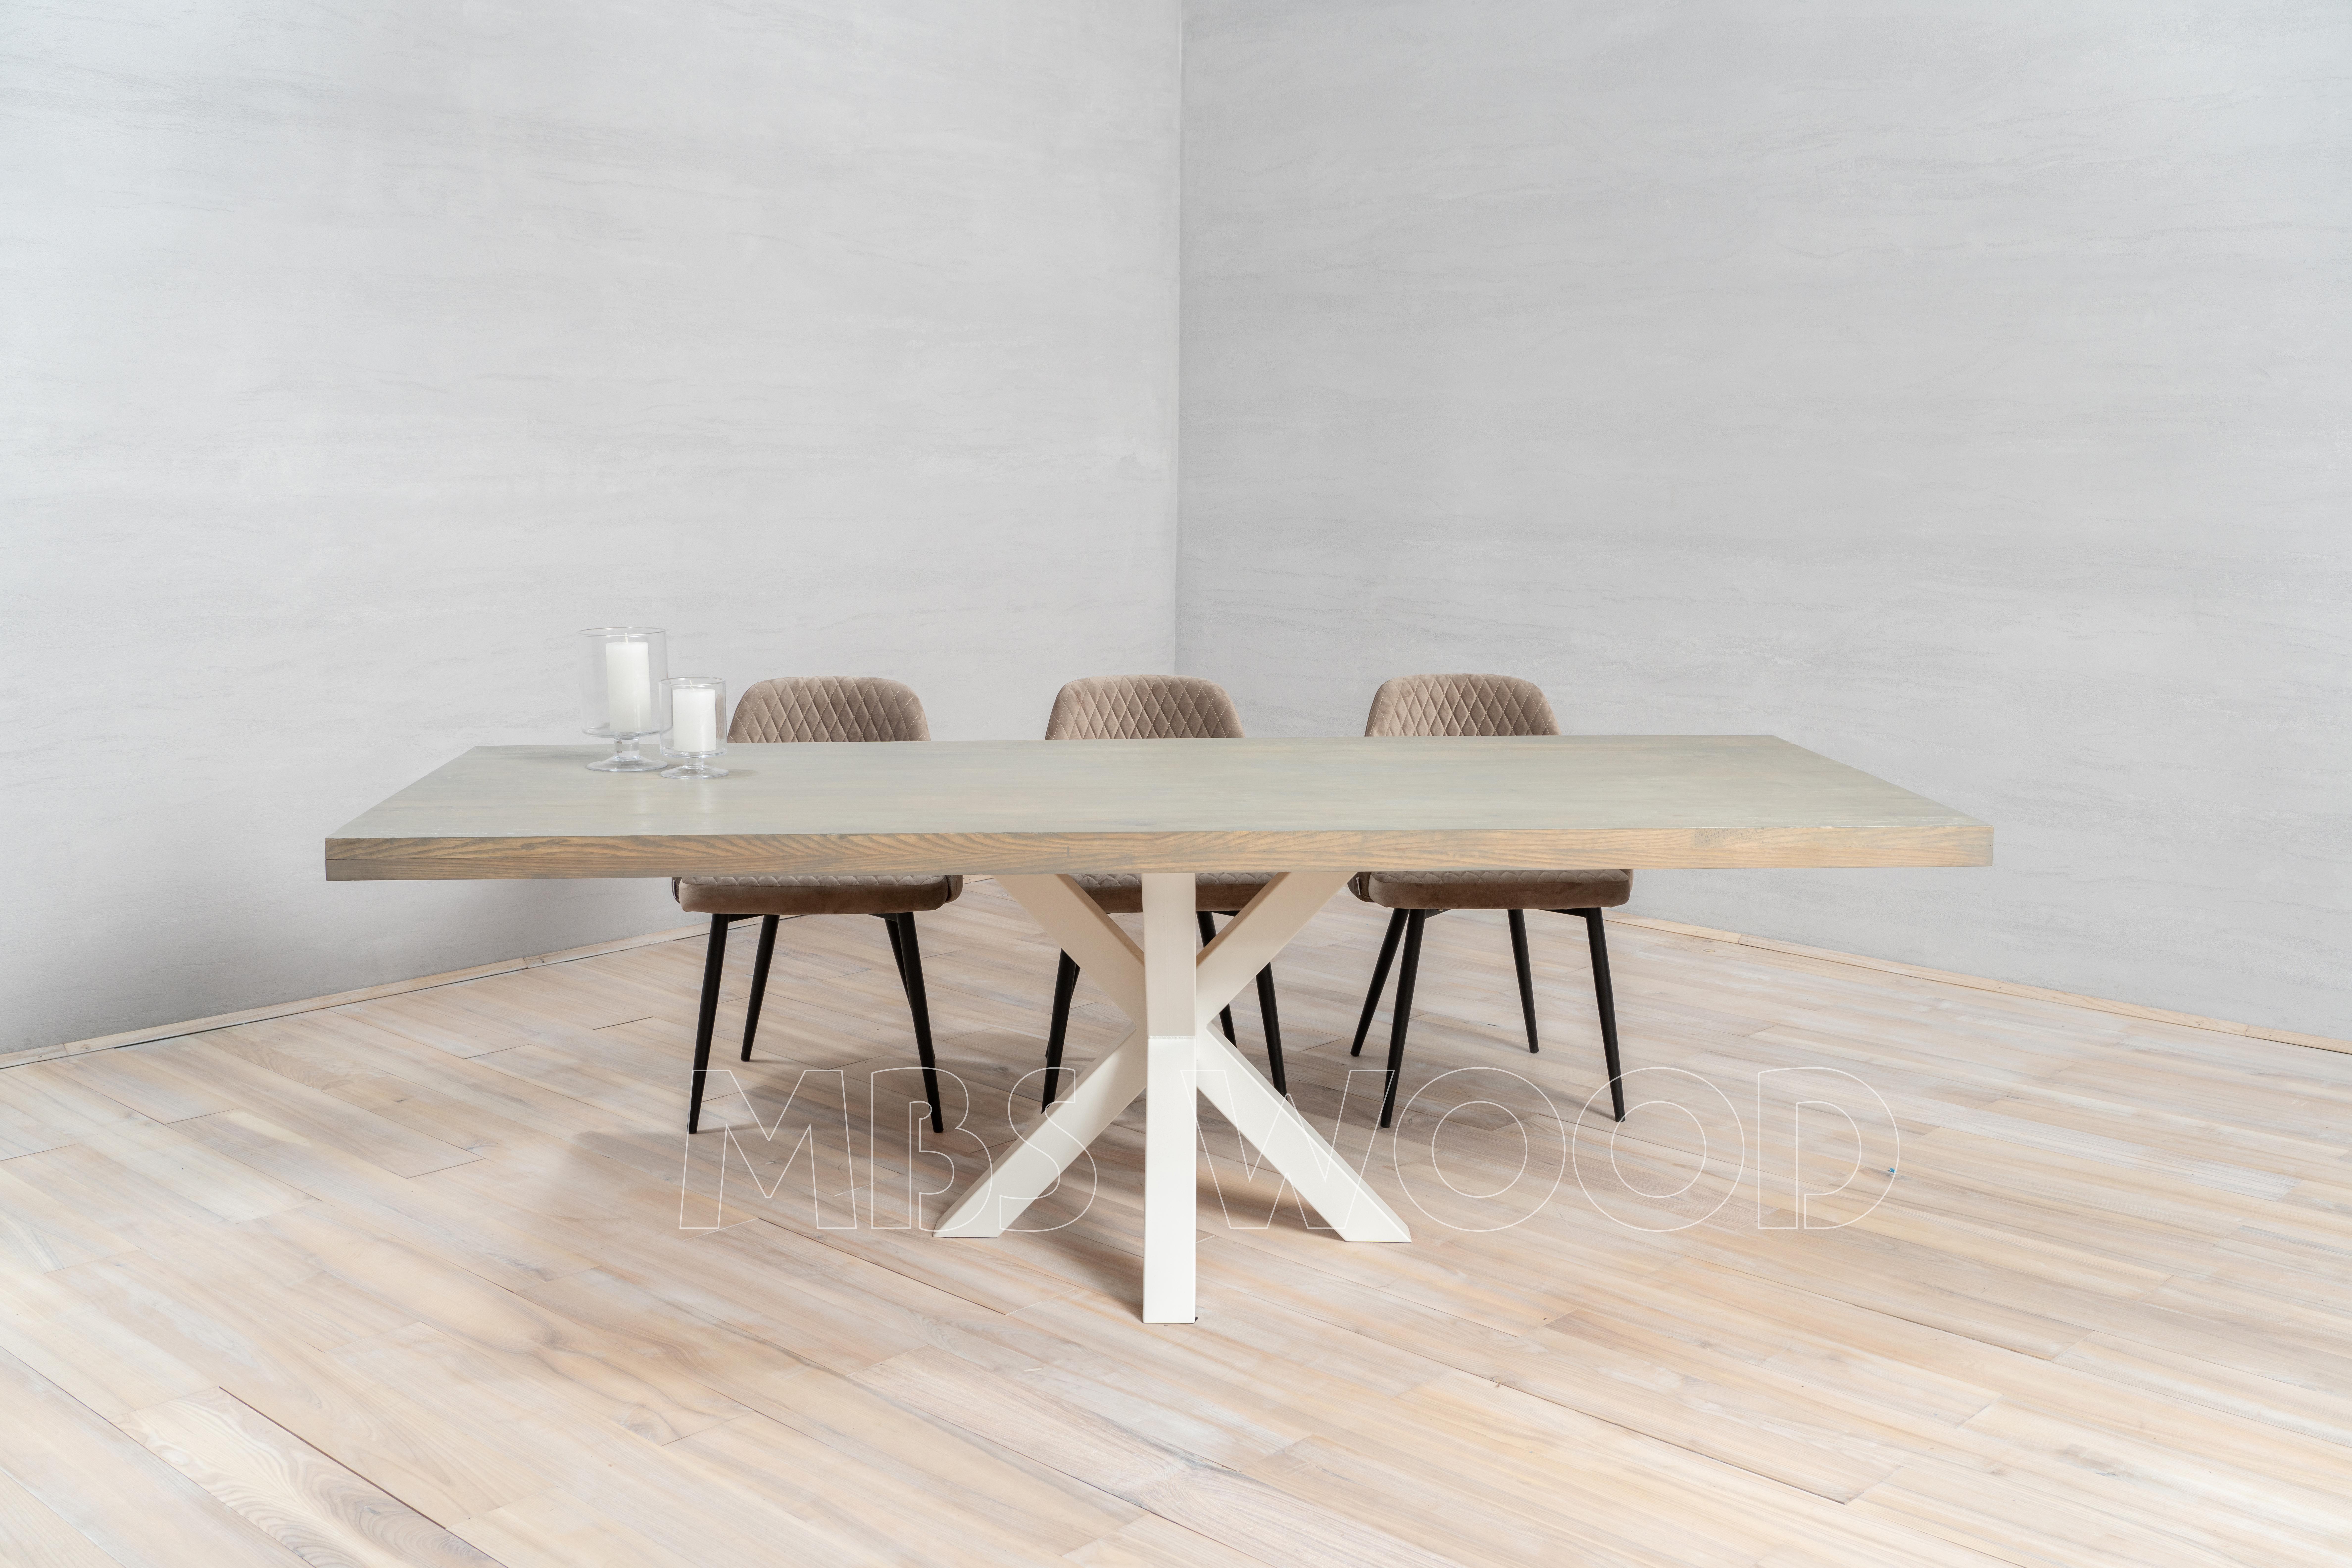 Grande table de chêne avec la couleur blanche d'araignée de jambes en métal